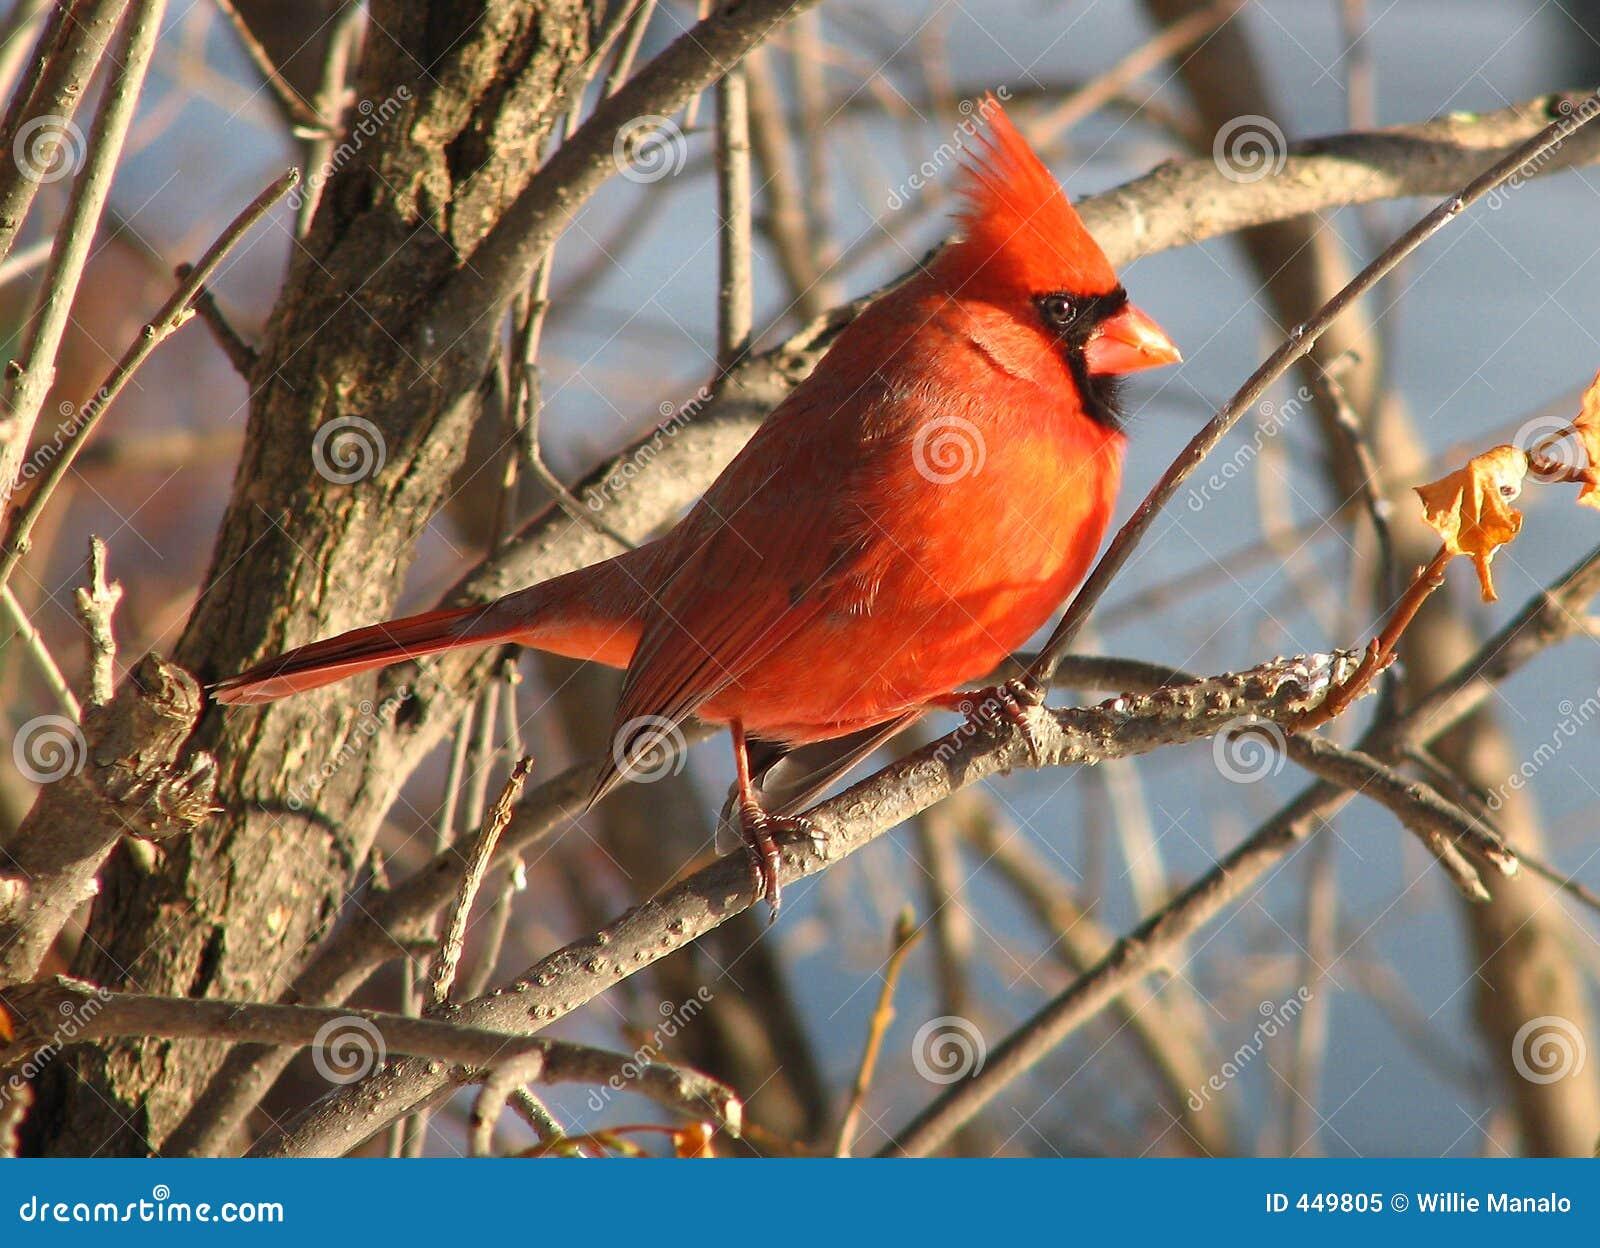 Cardinal-9